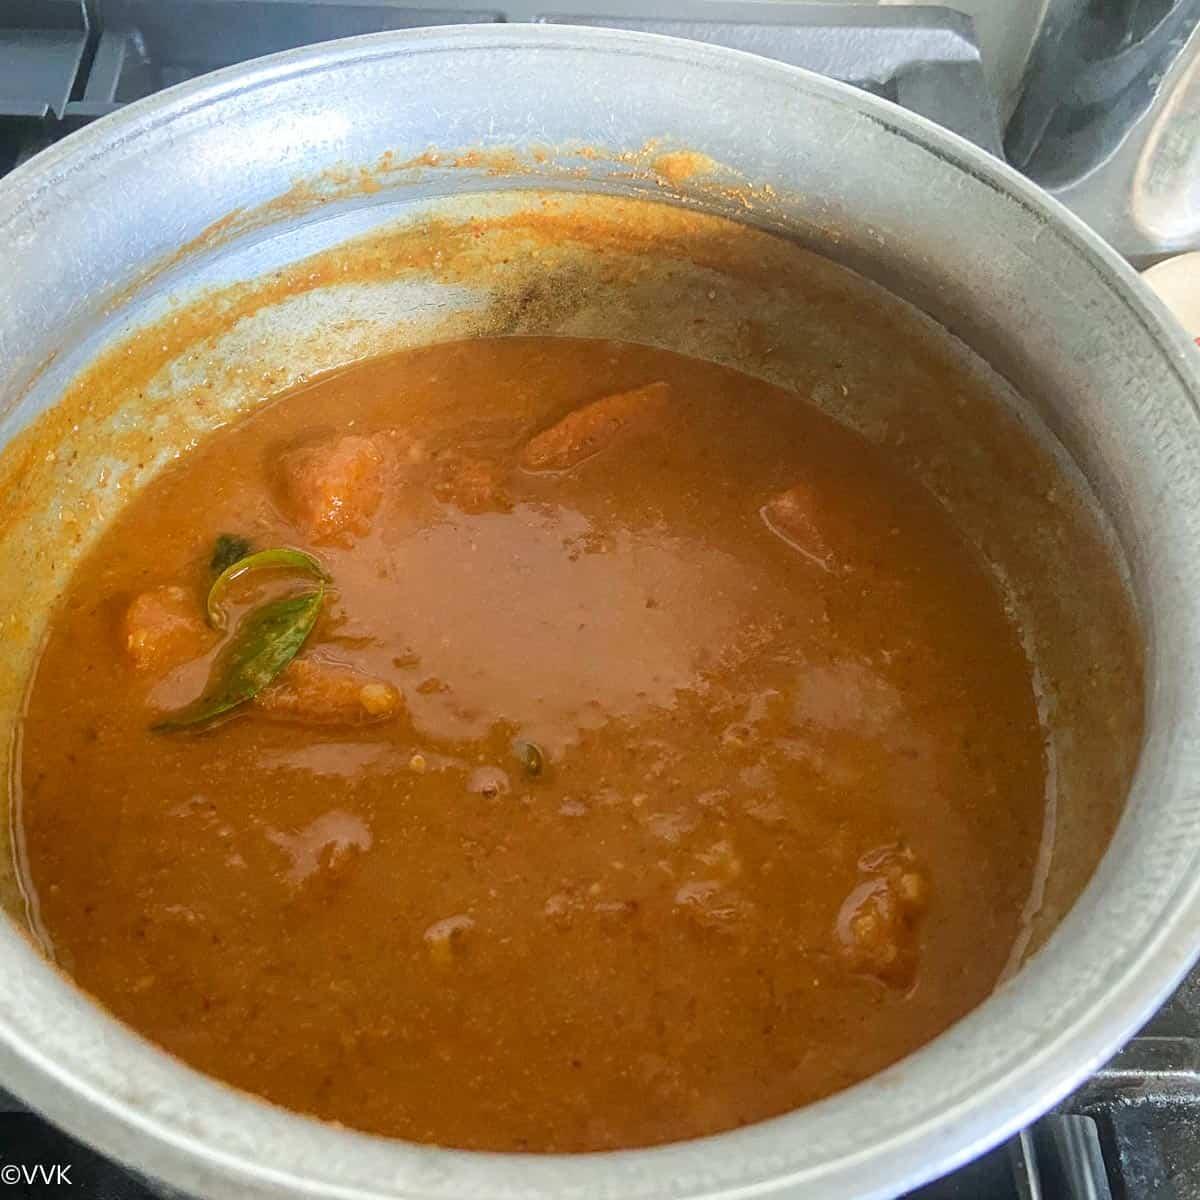 bringing the sambar to boil